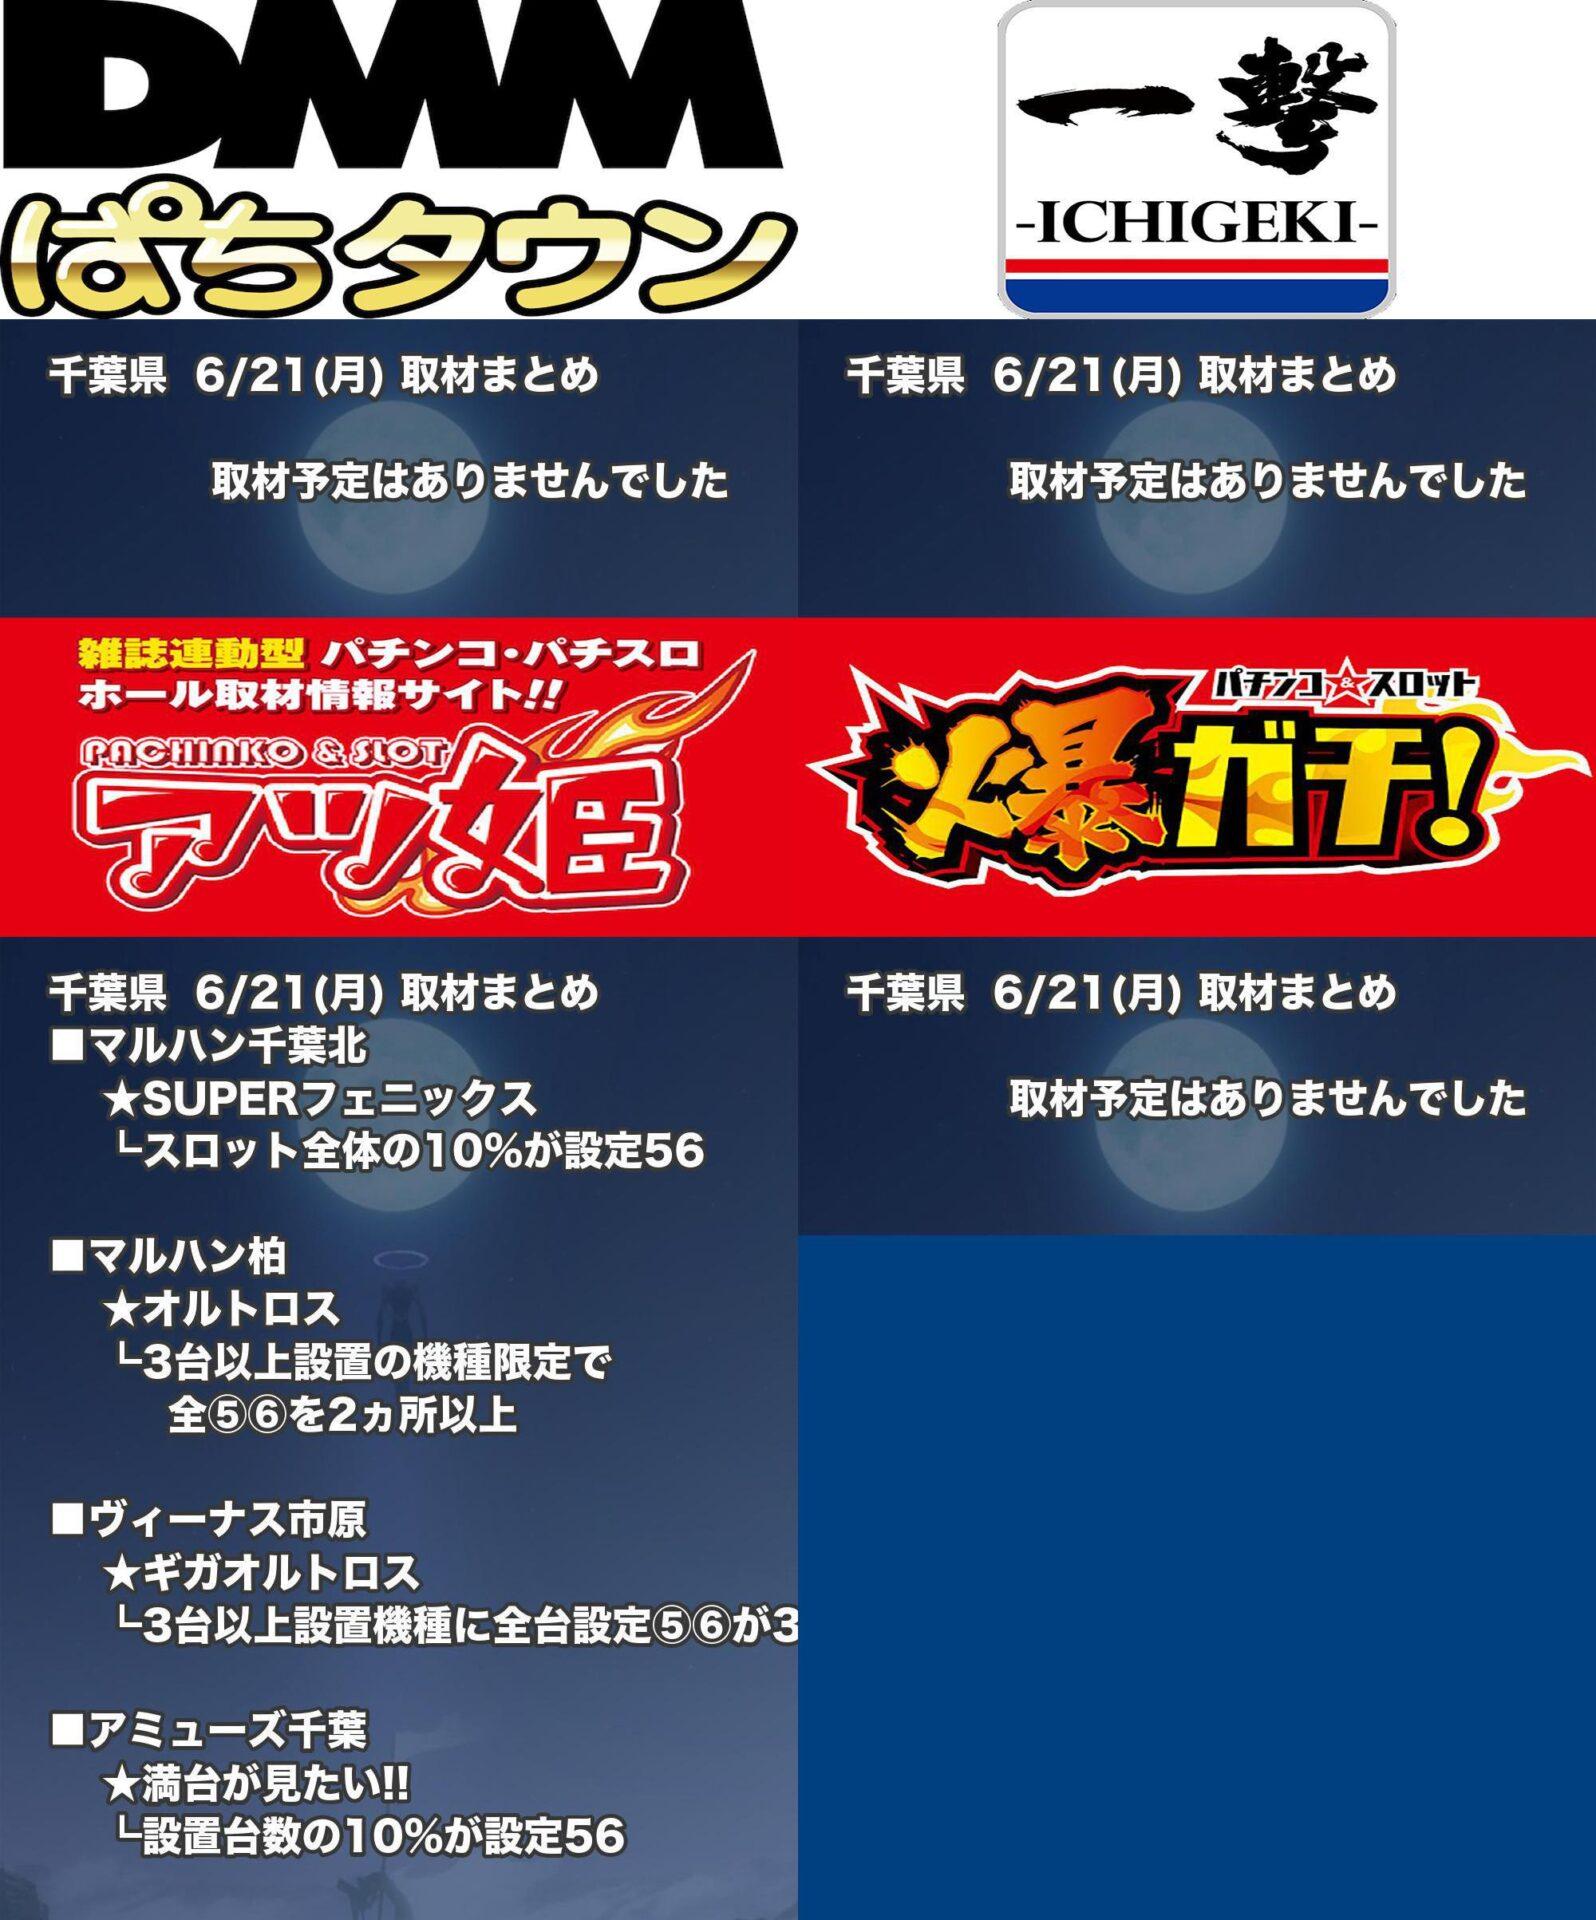 千葉県_2021-06-21_パチンコ・パチスロ_イベント